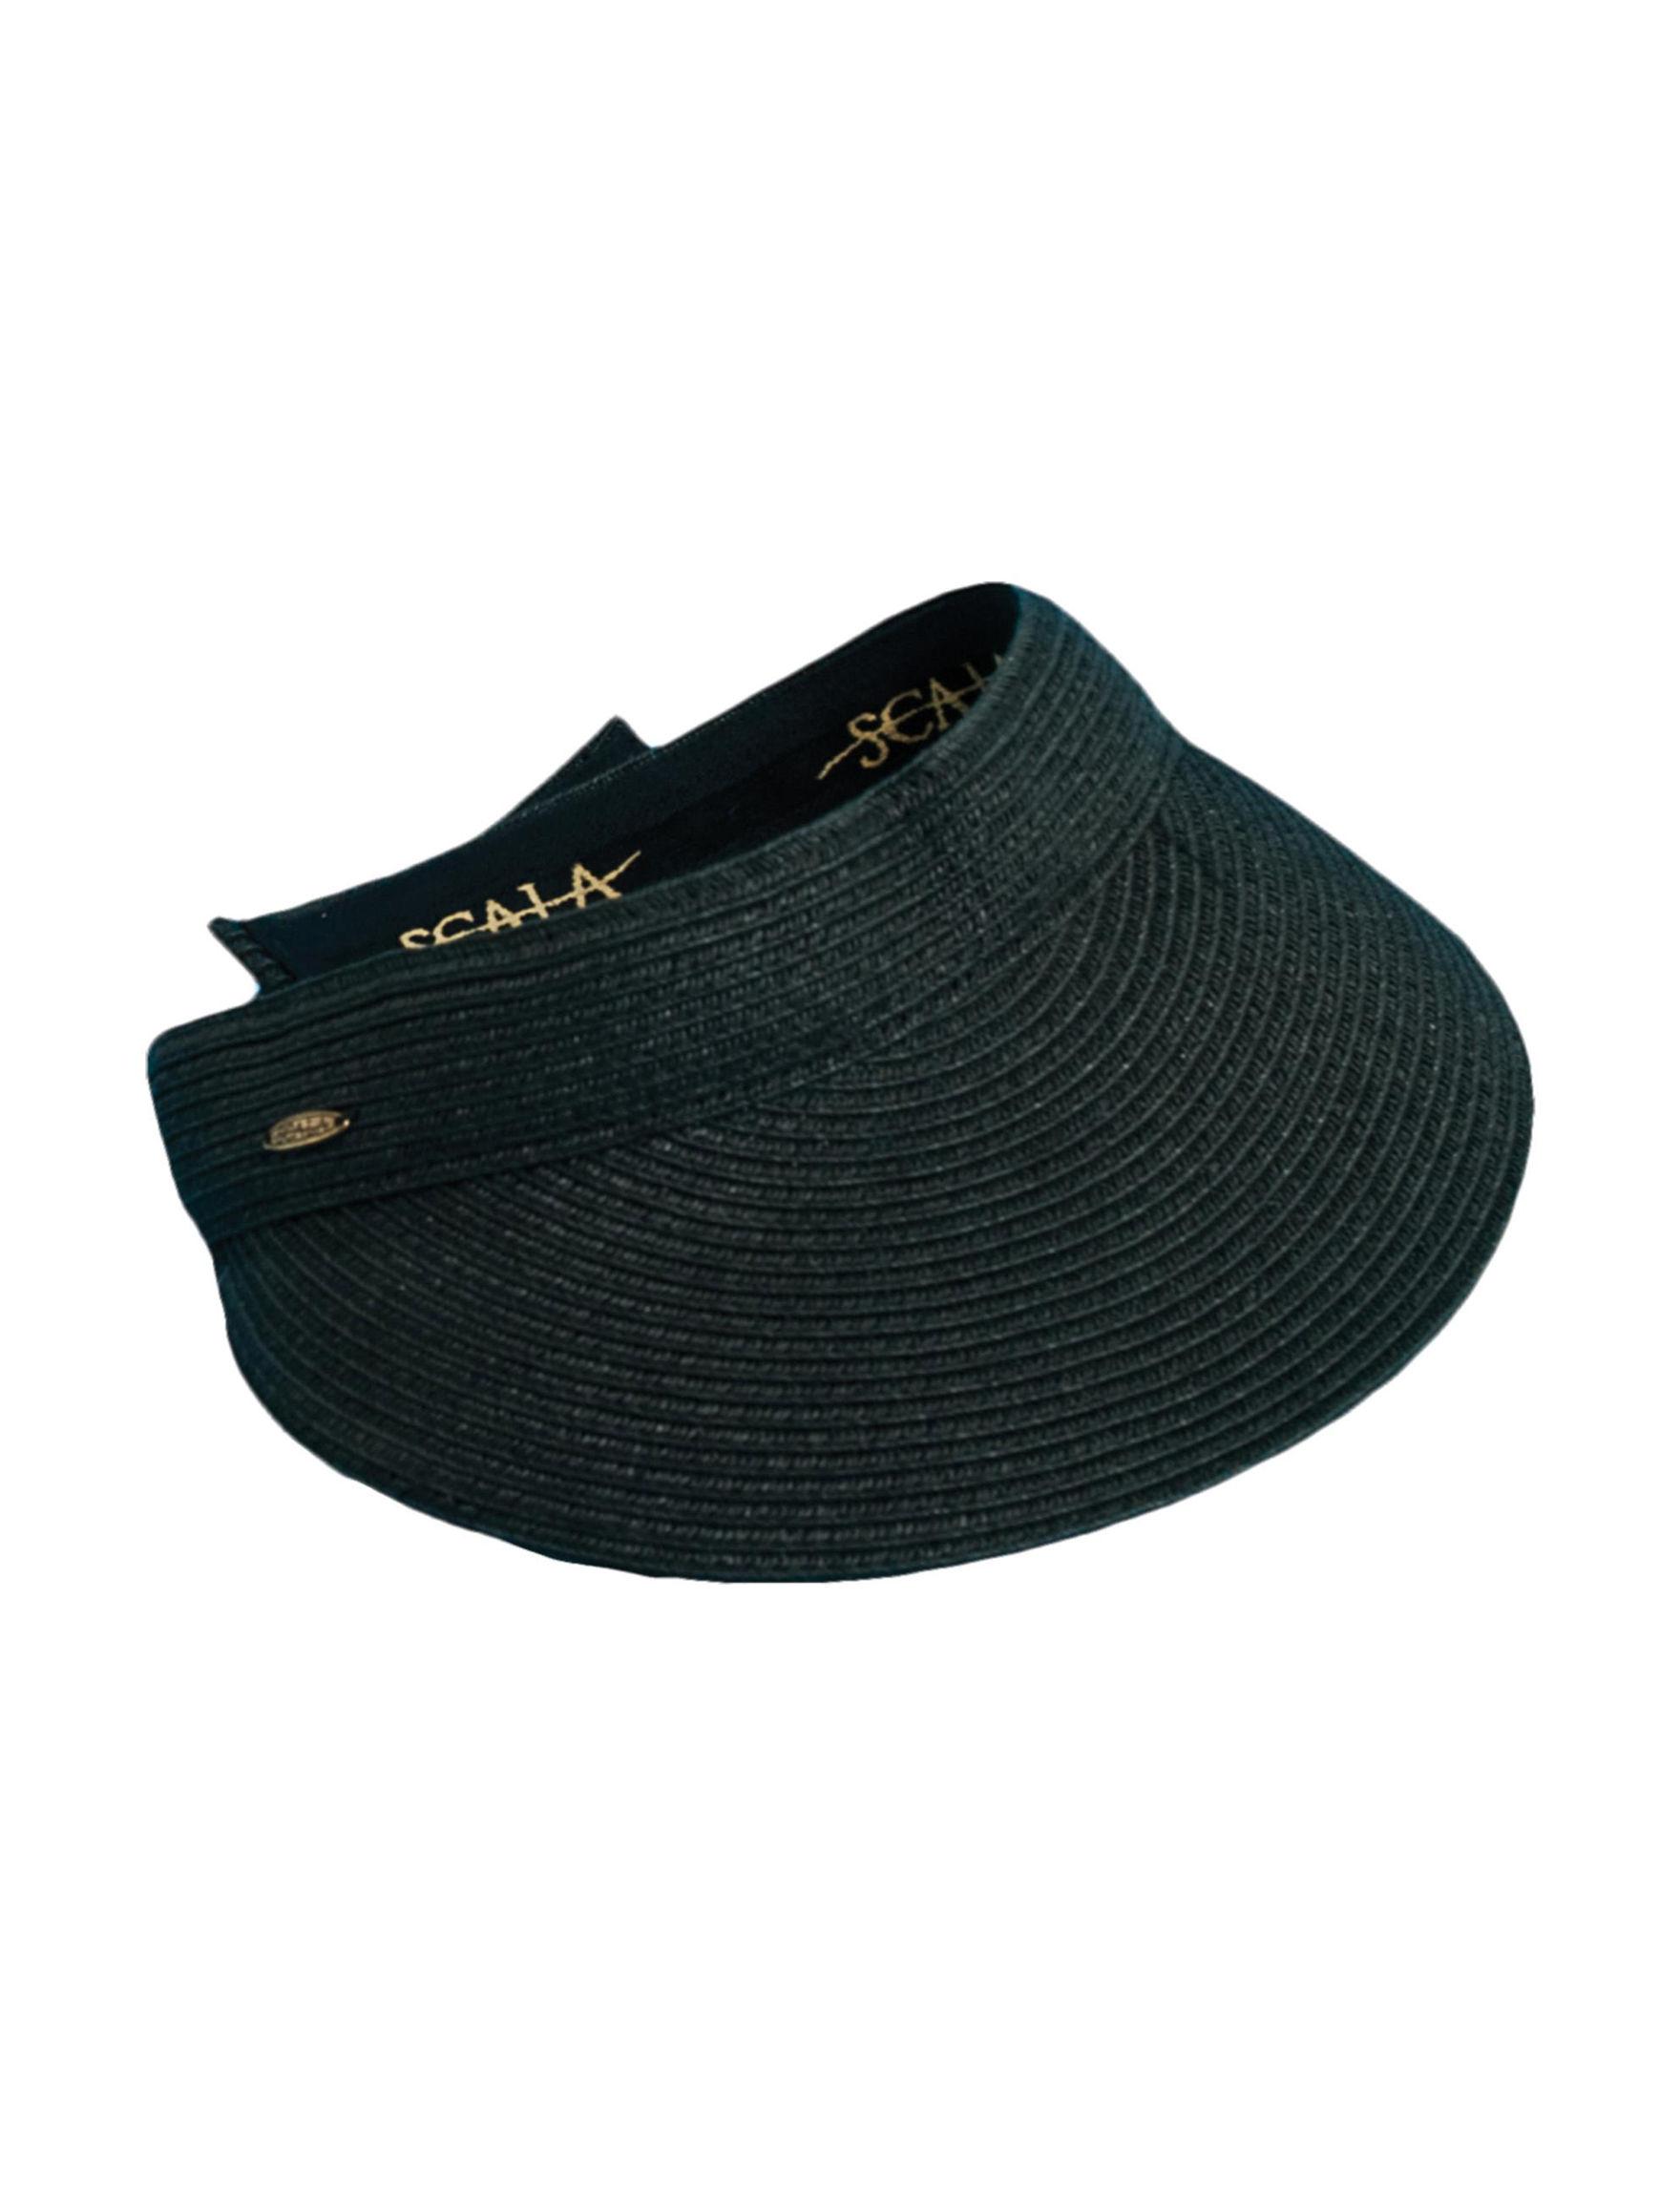 Scala Black Hats & Headwear